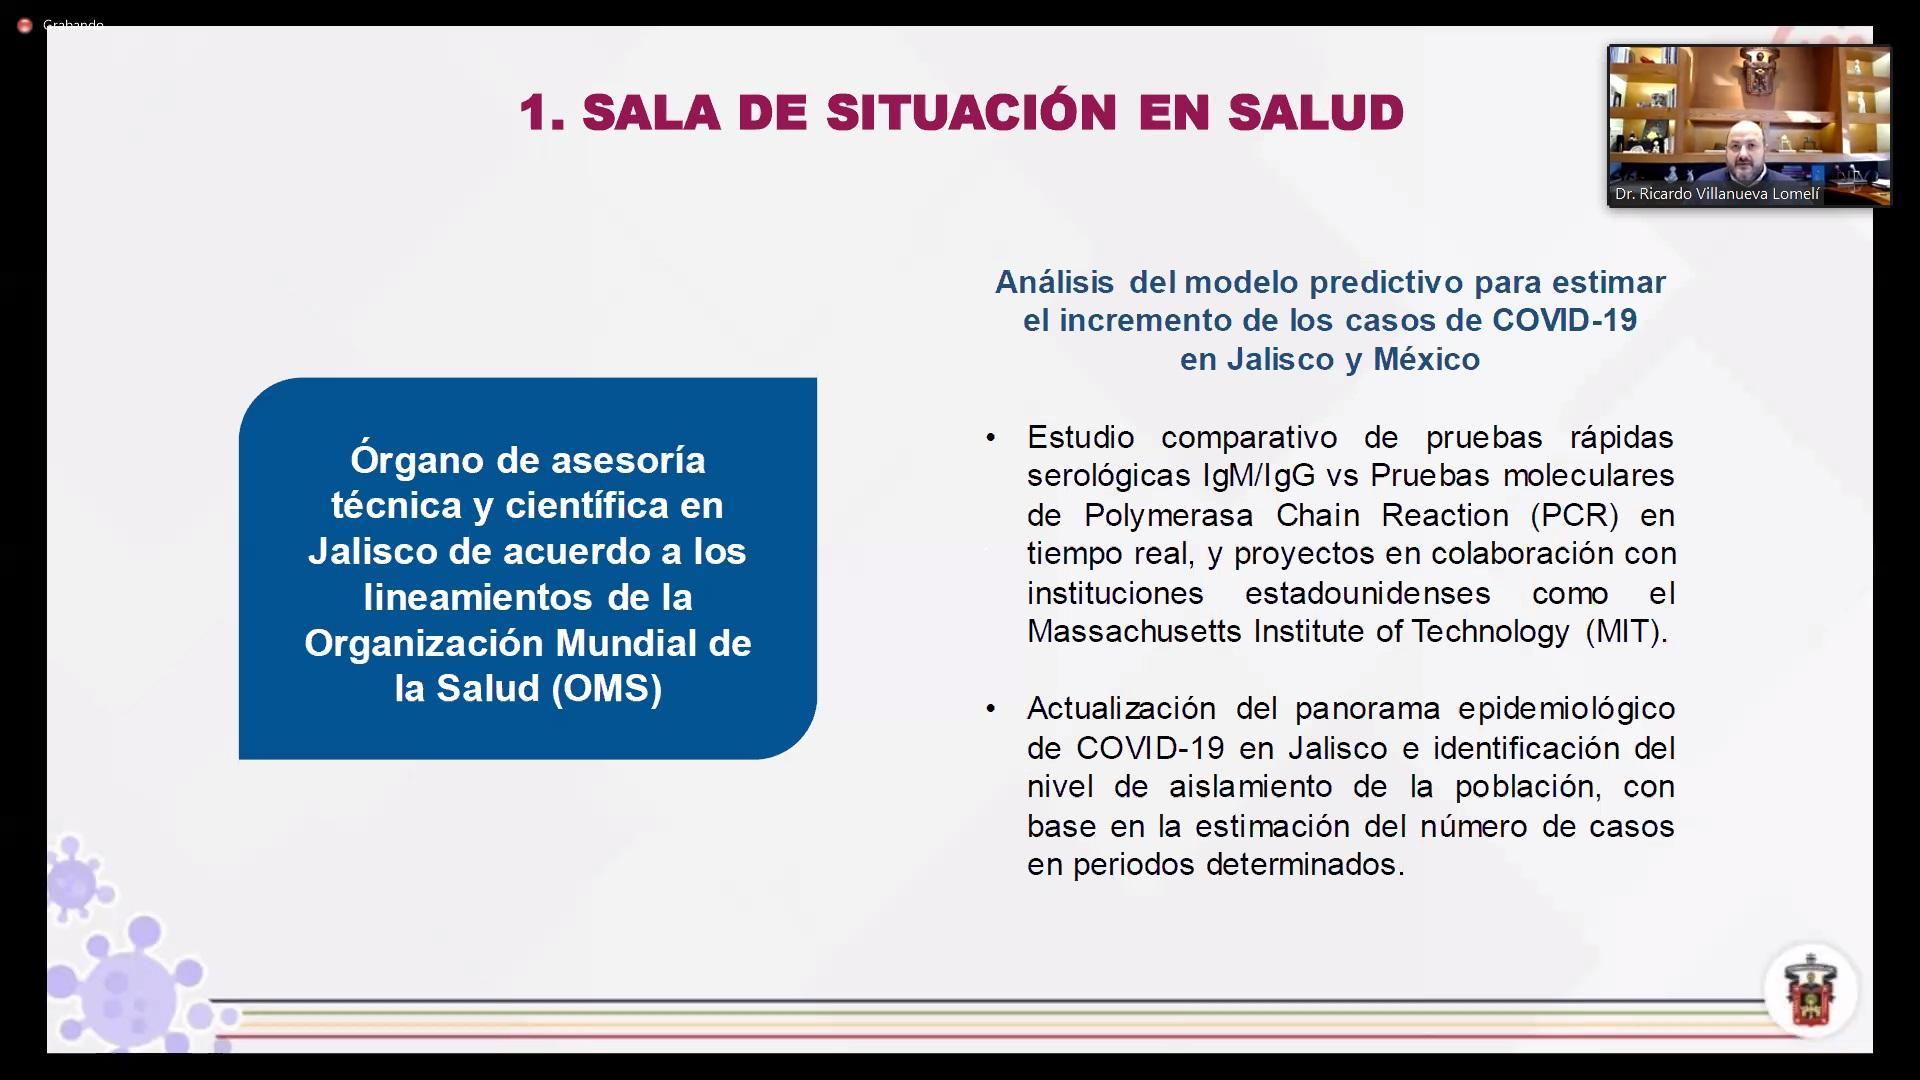 """Inicia simposio """"Modelo e intervenciones epidemiológicas: Estrategias ante COVID-19"""", organizado por la Sala de Situación en Salud del CUCS"""